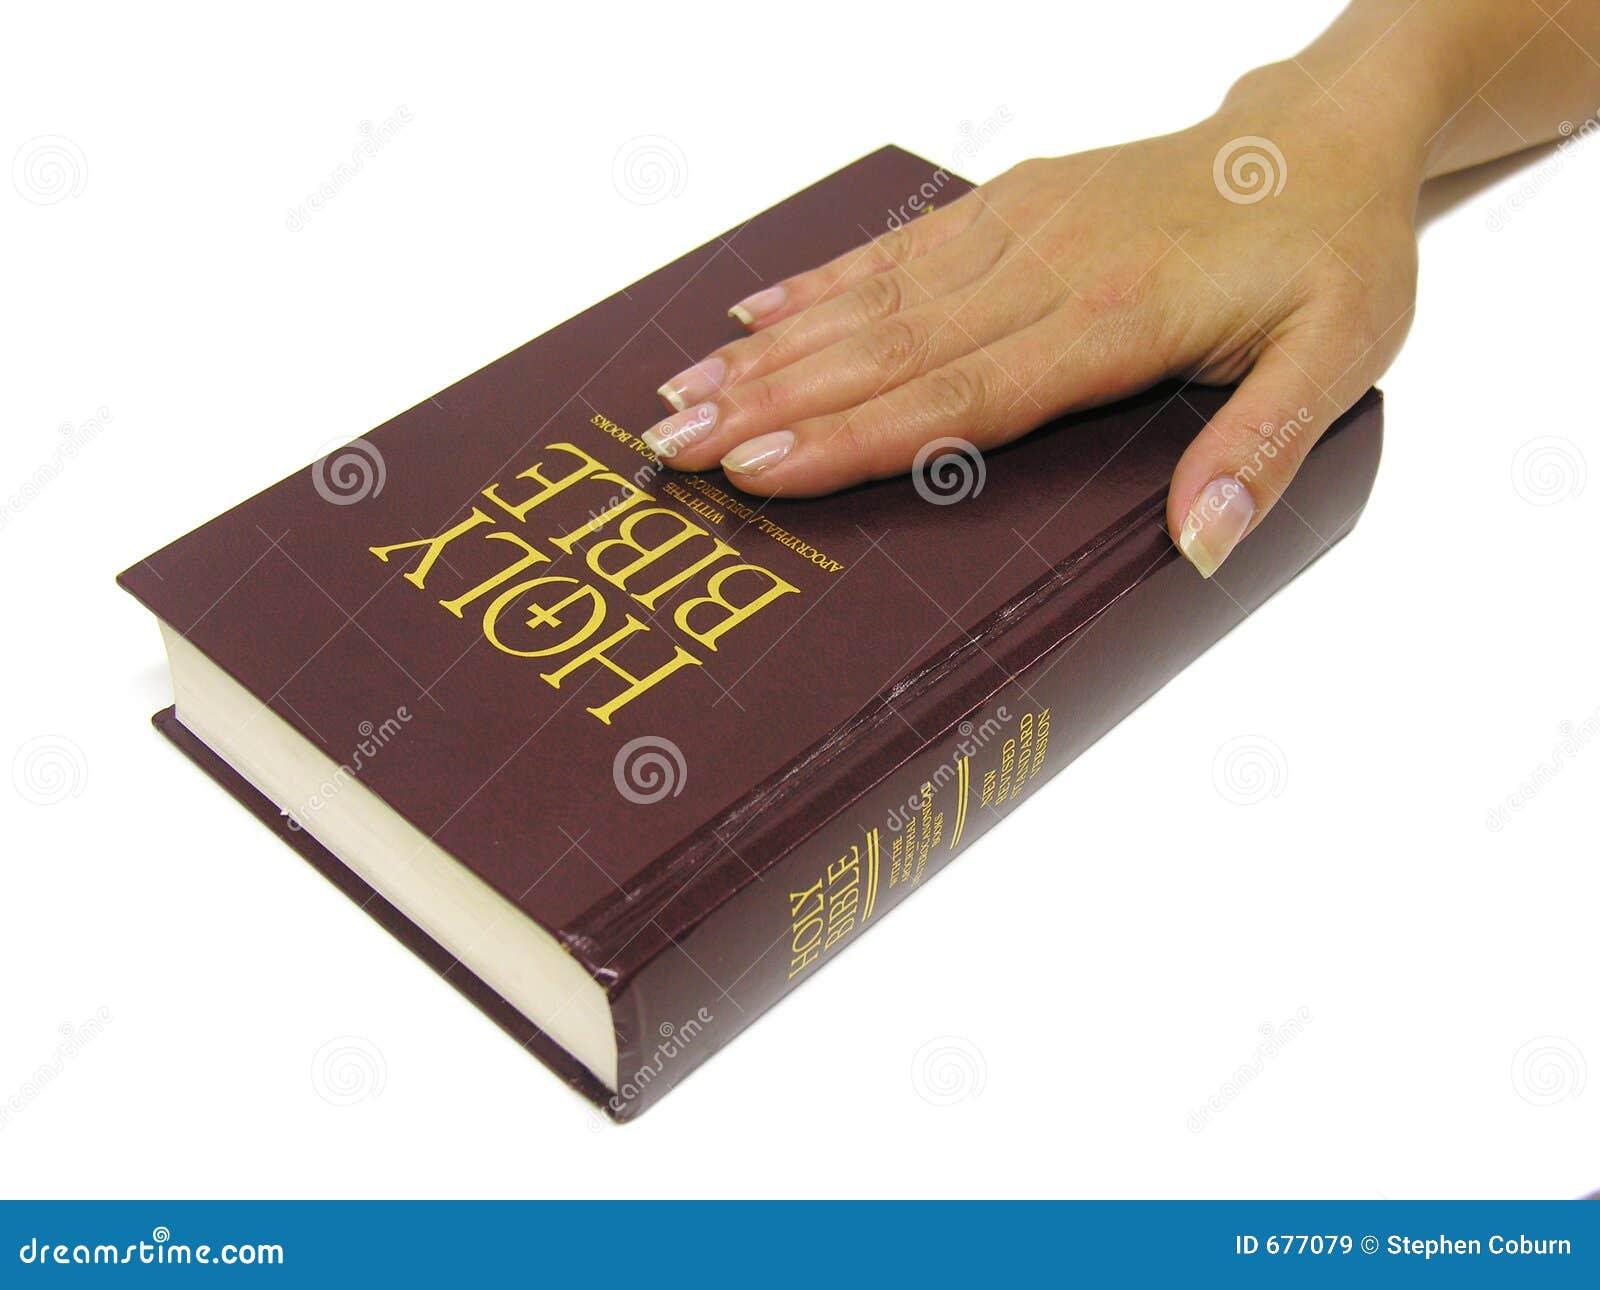 Juramento na Bíblia